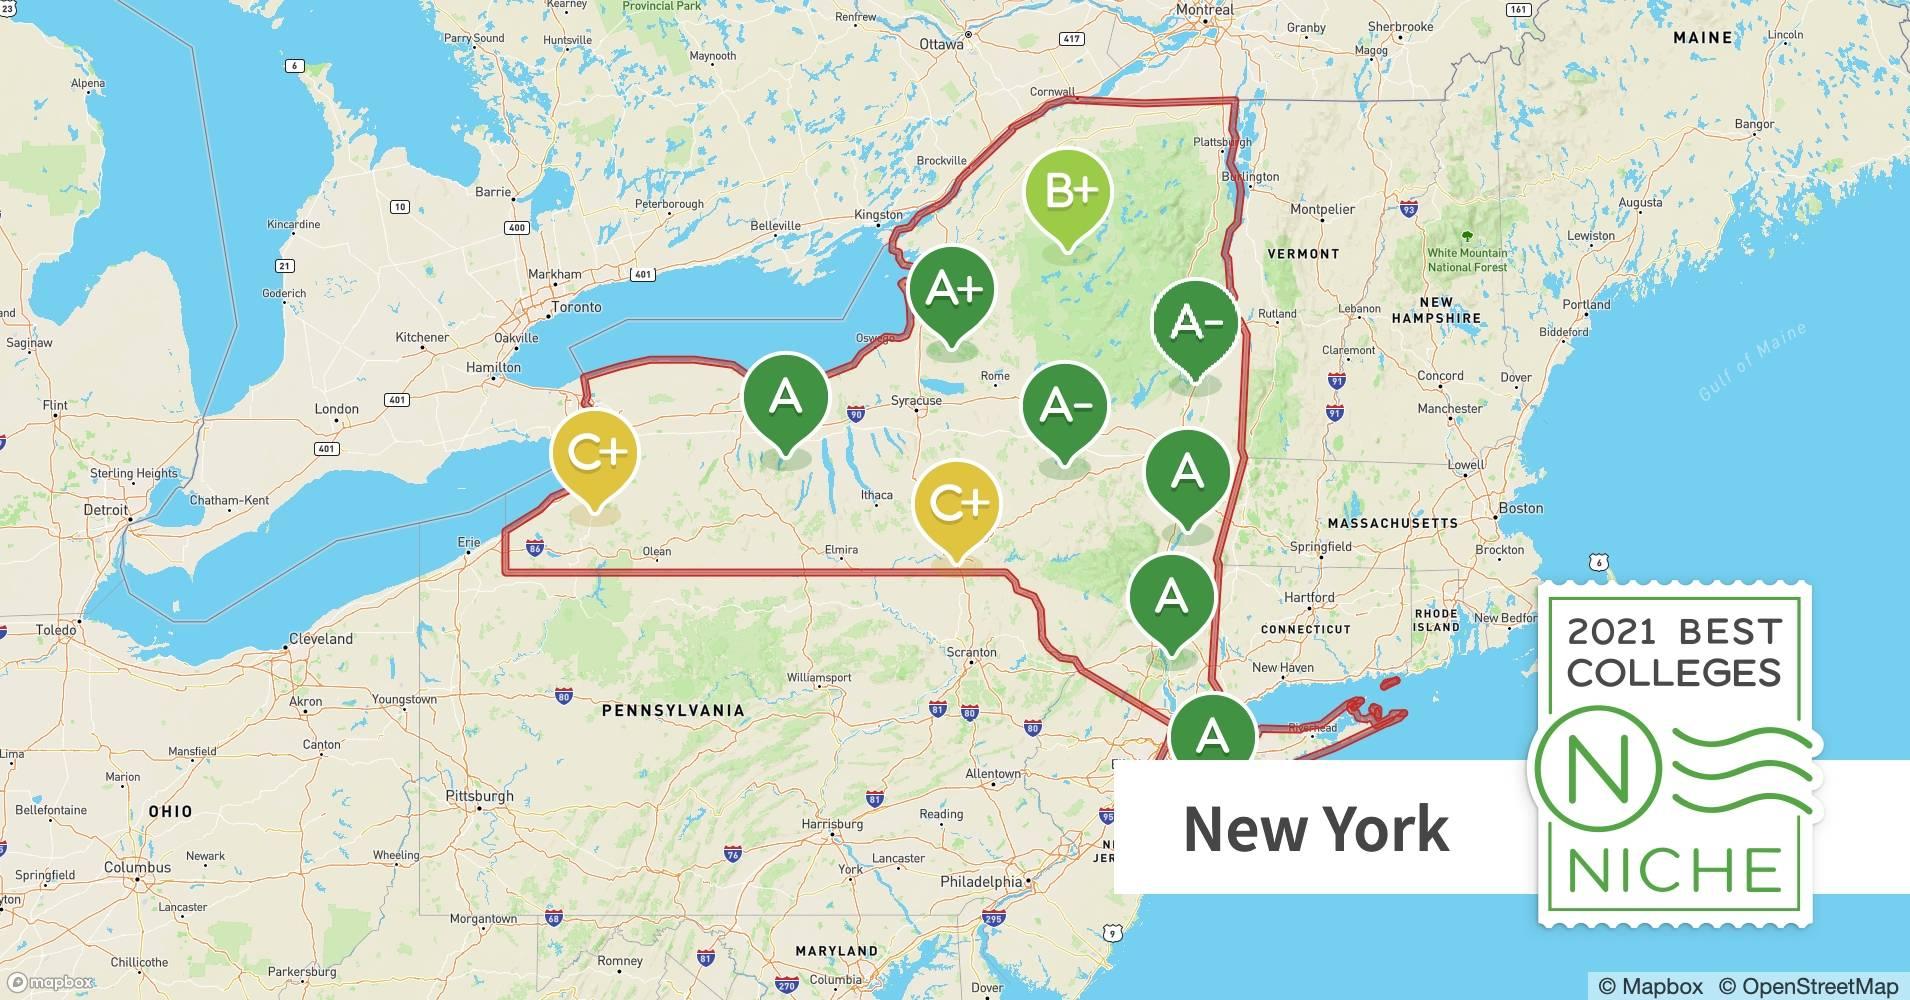 2021 Best Colleges In New York Niche